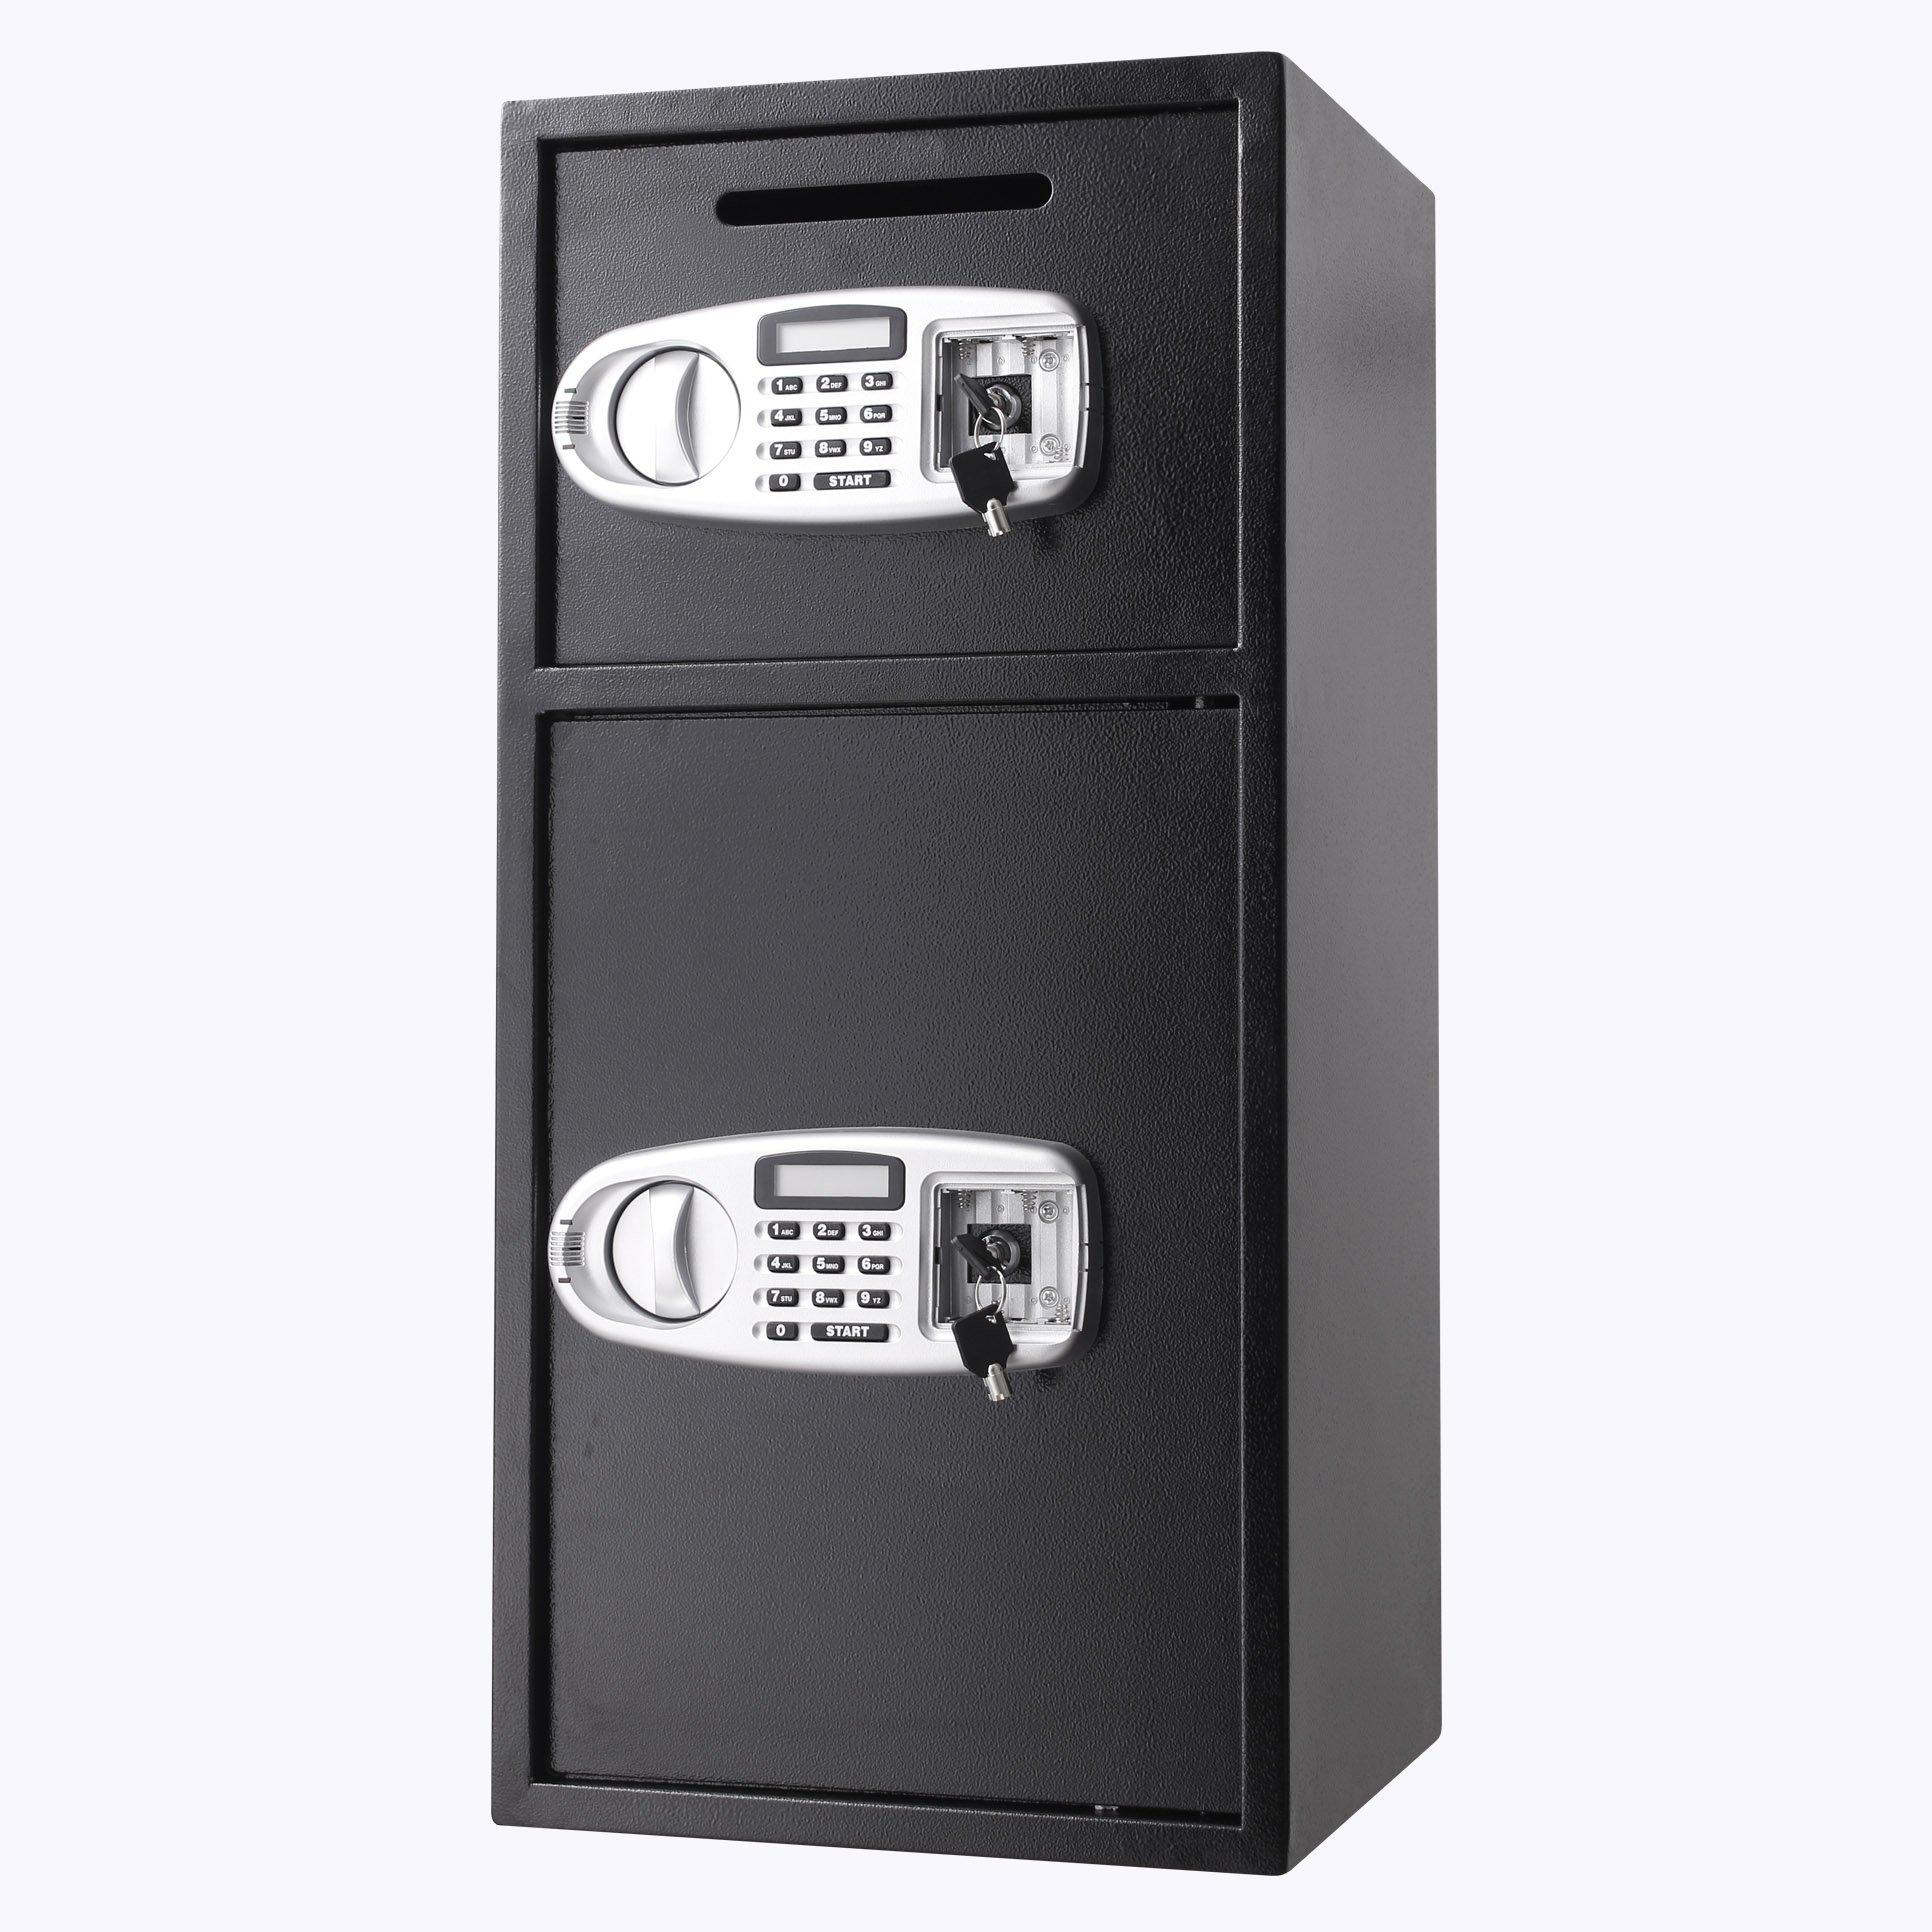 Superland Large Double Door Security Safe Box Depository Safe Steel Safe Box Digital Safe Depository for Money Gun Jewelry (Large Digital Safe Box) by Superland (Image #4)